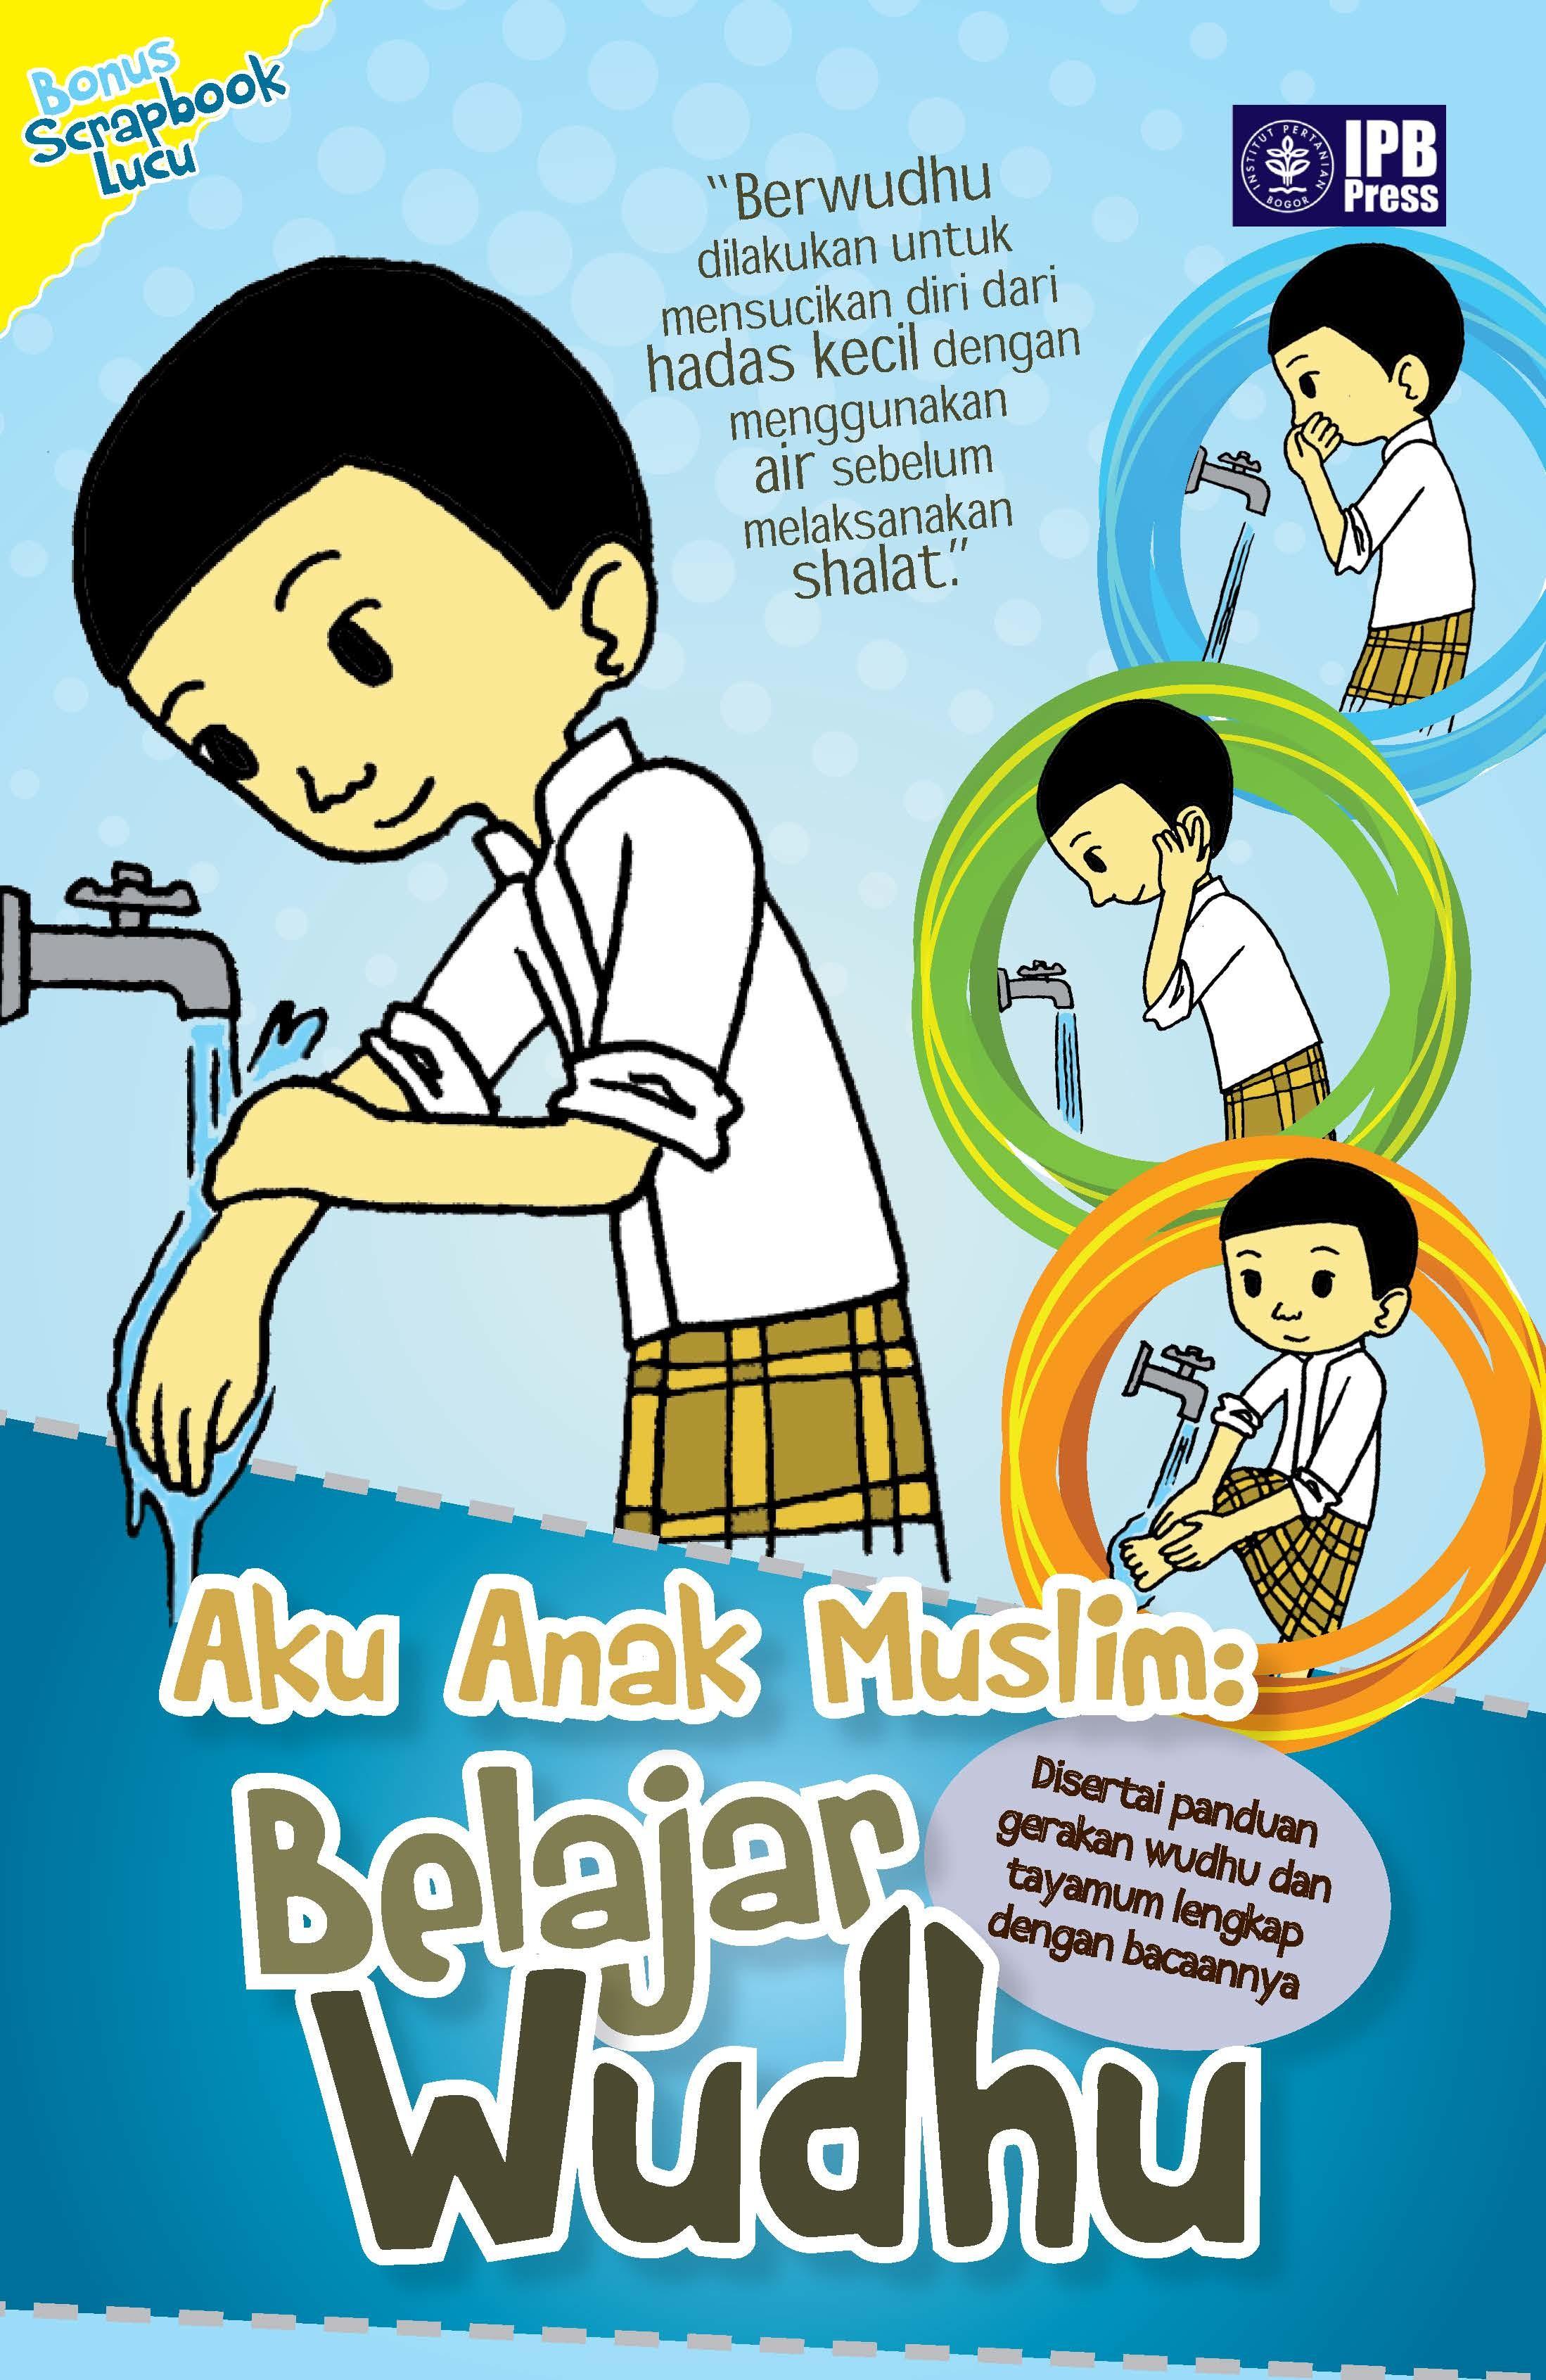 Aku Anak Muslim: Belajar Wudhu